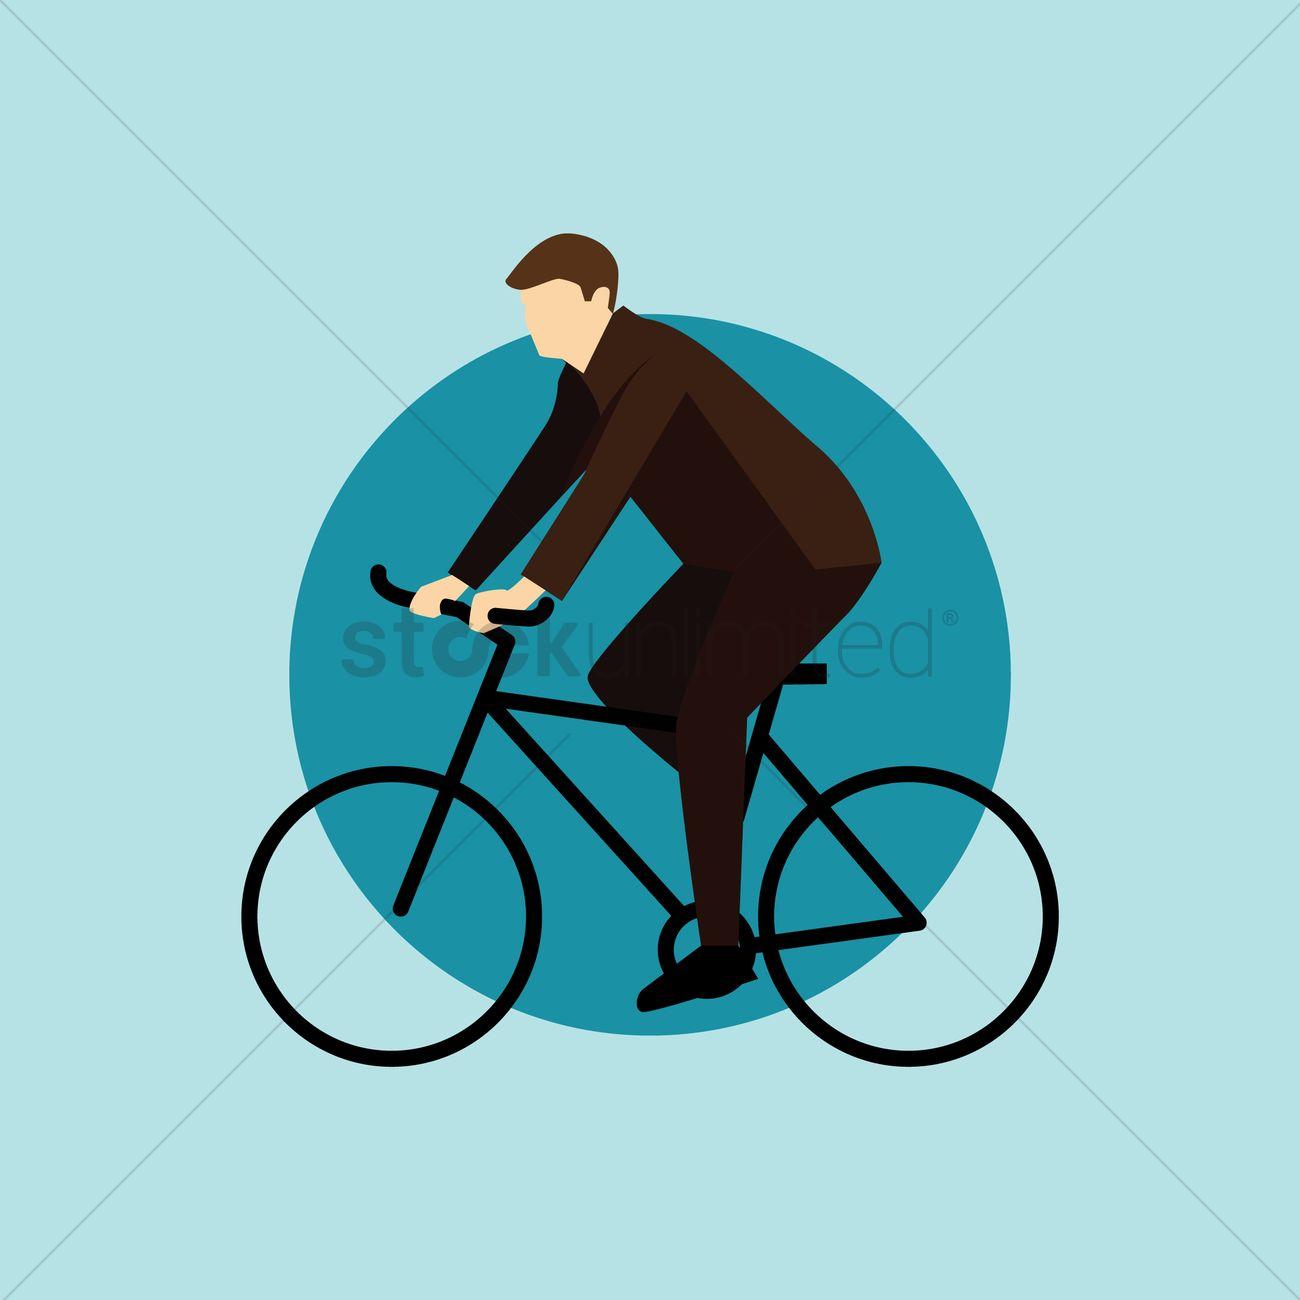 1300x1300 Man Cycling Vector Image